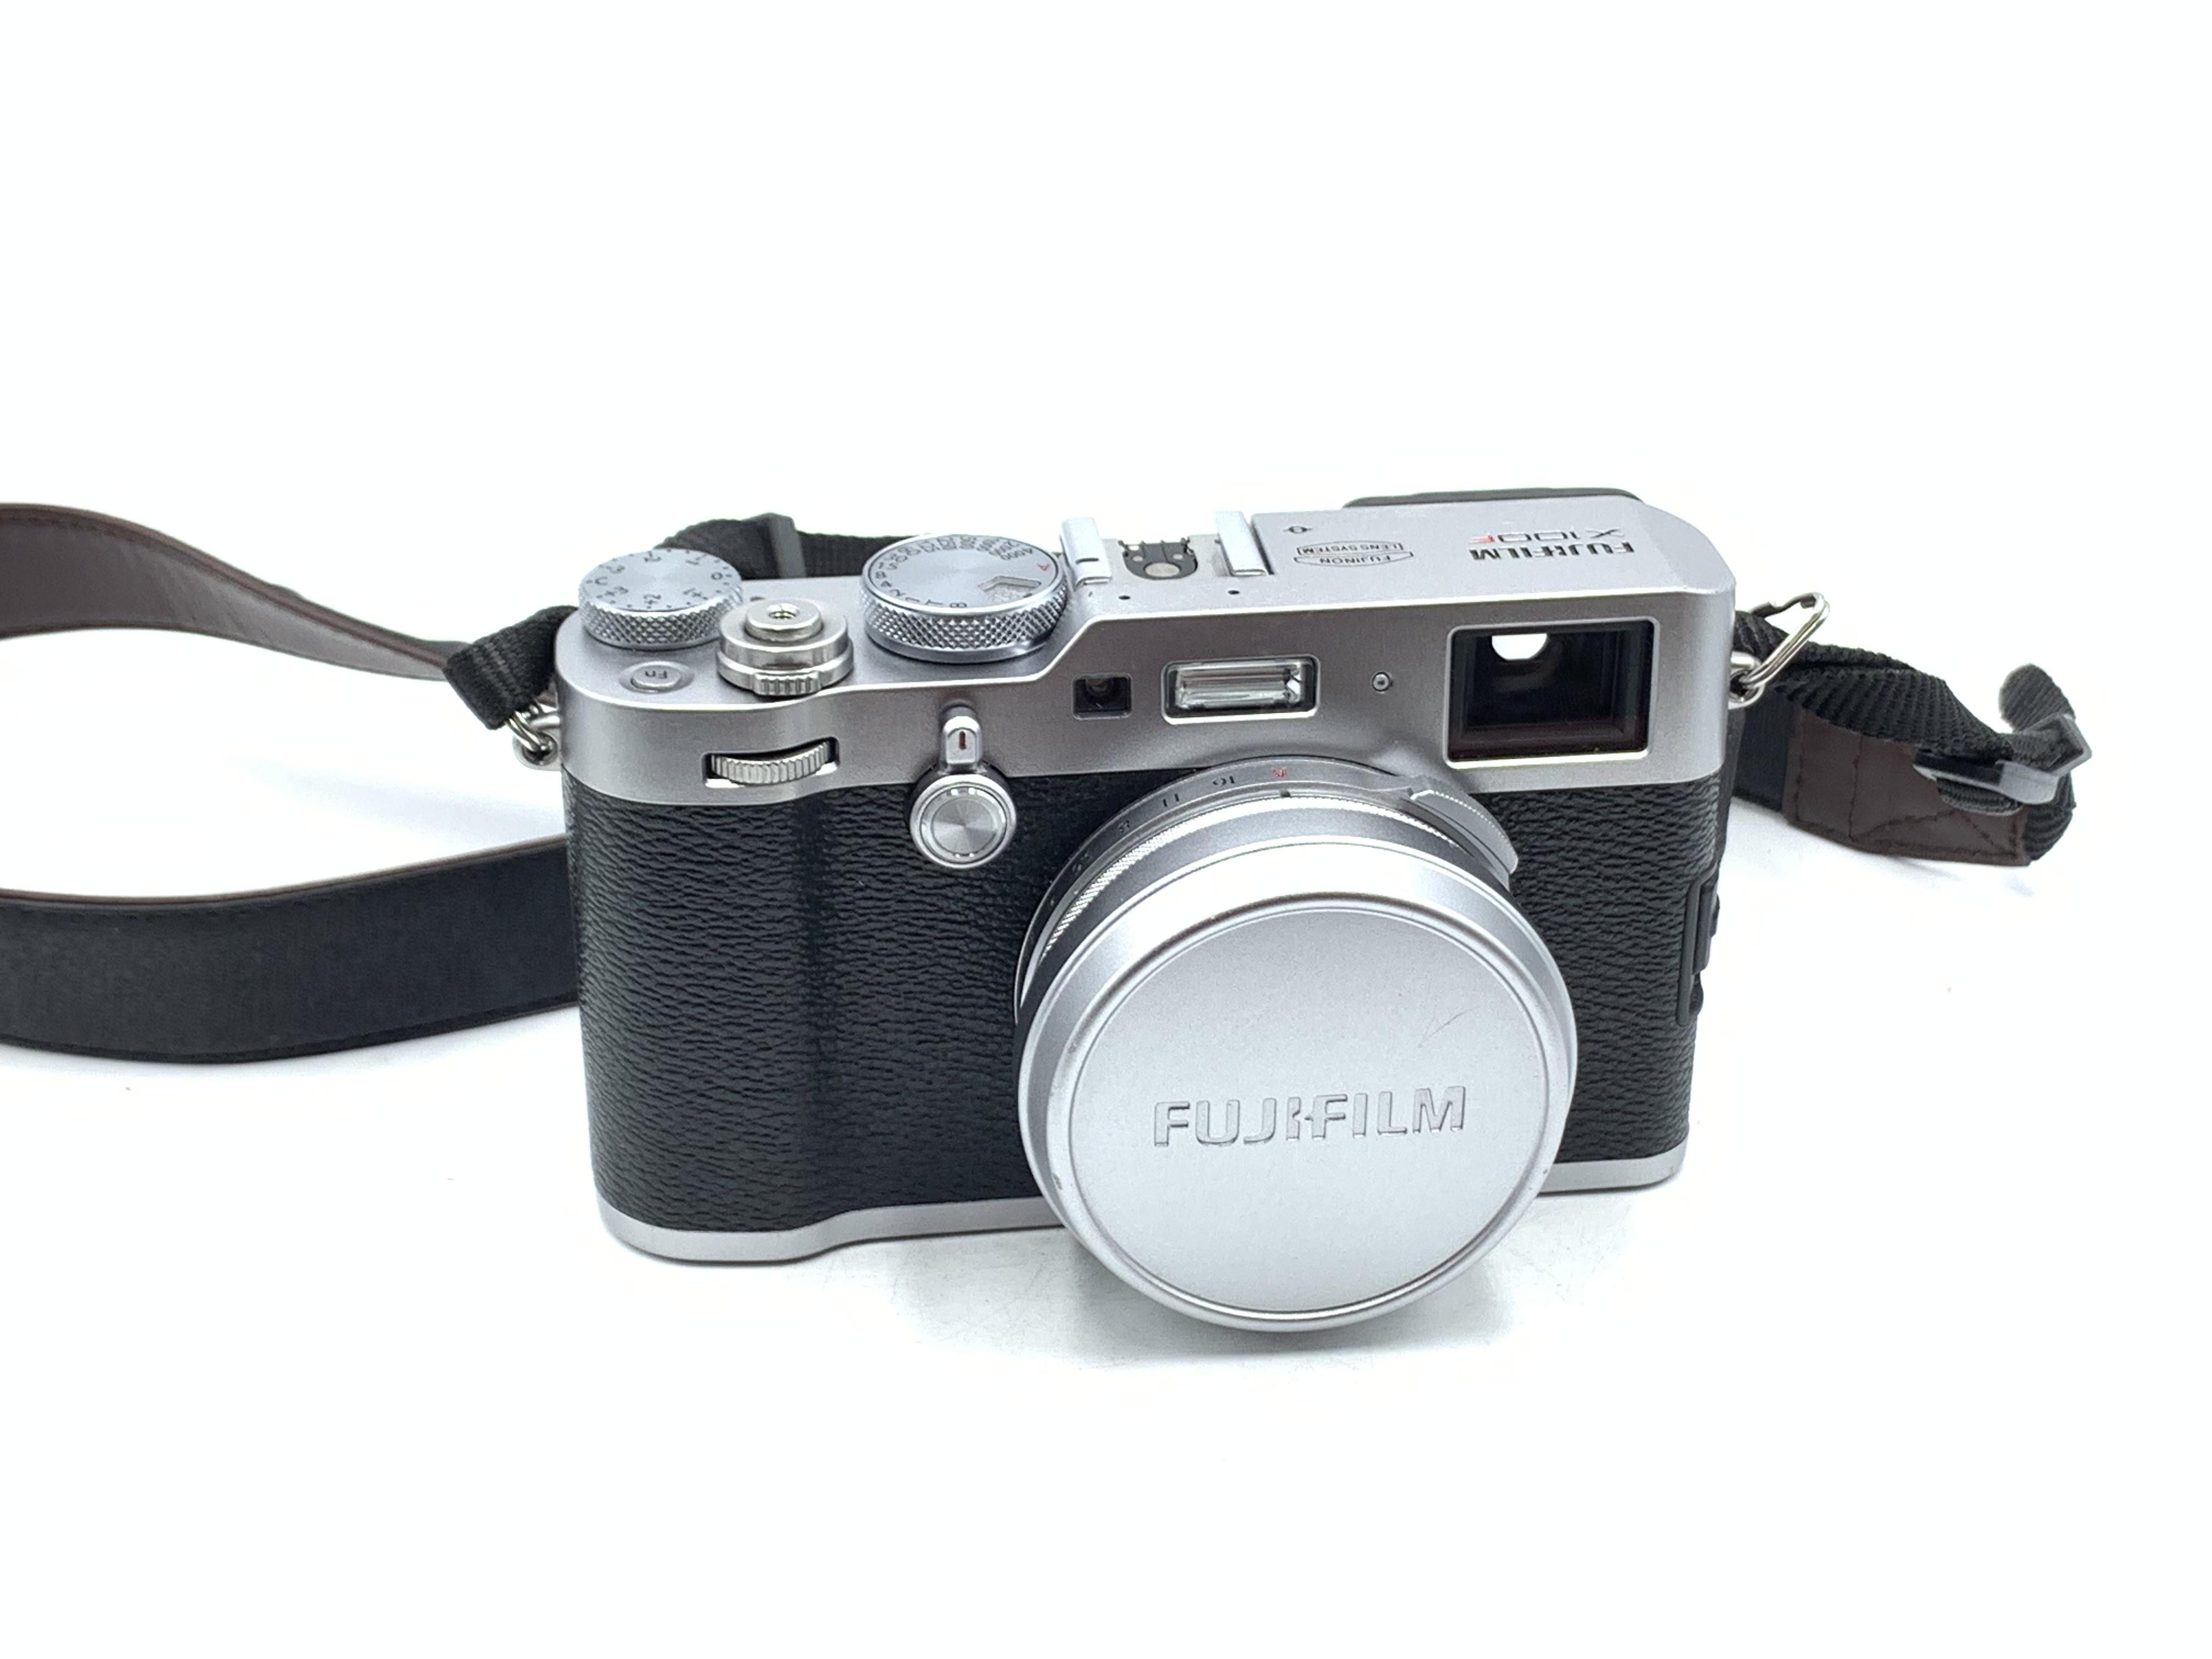 USED Fujifilm X100F Digital Camera (Silver)